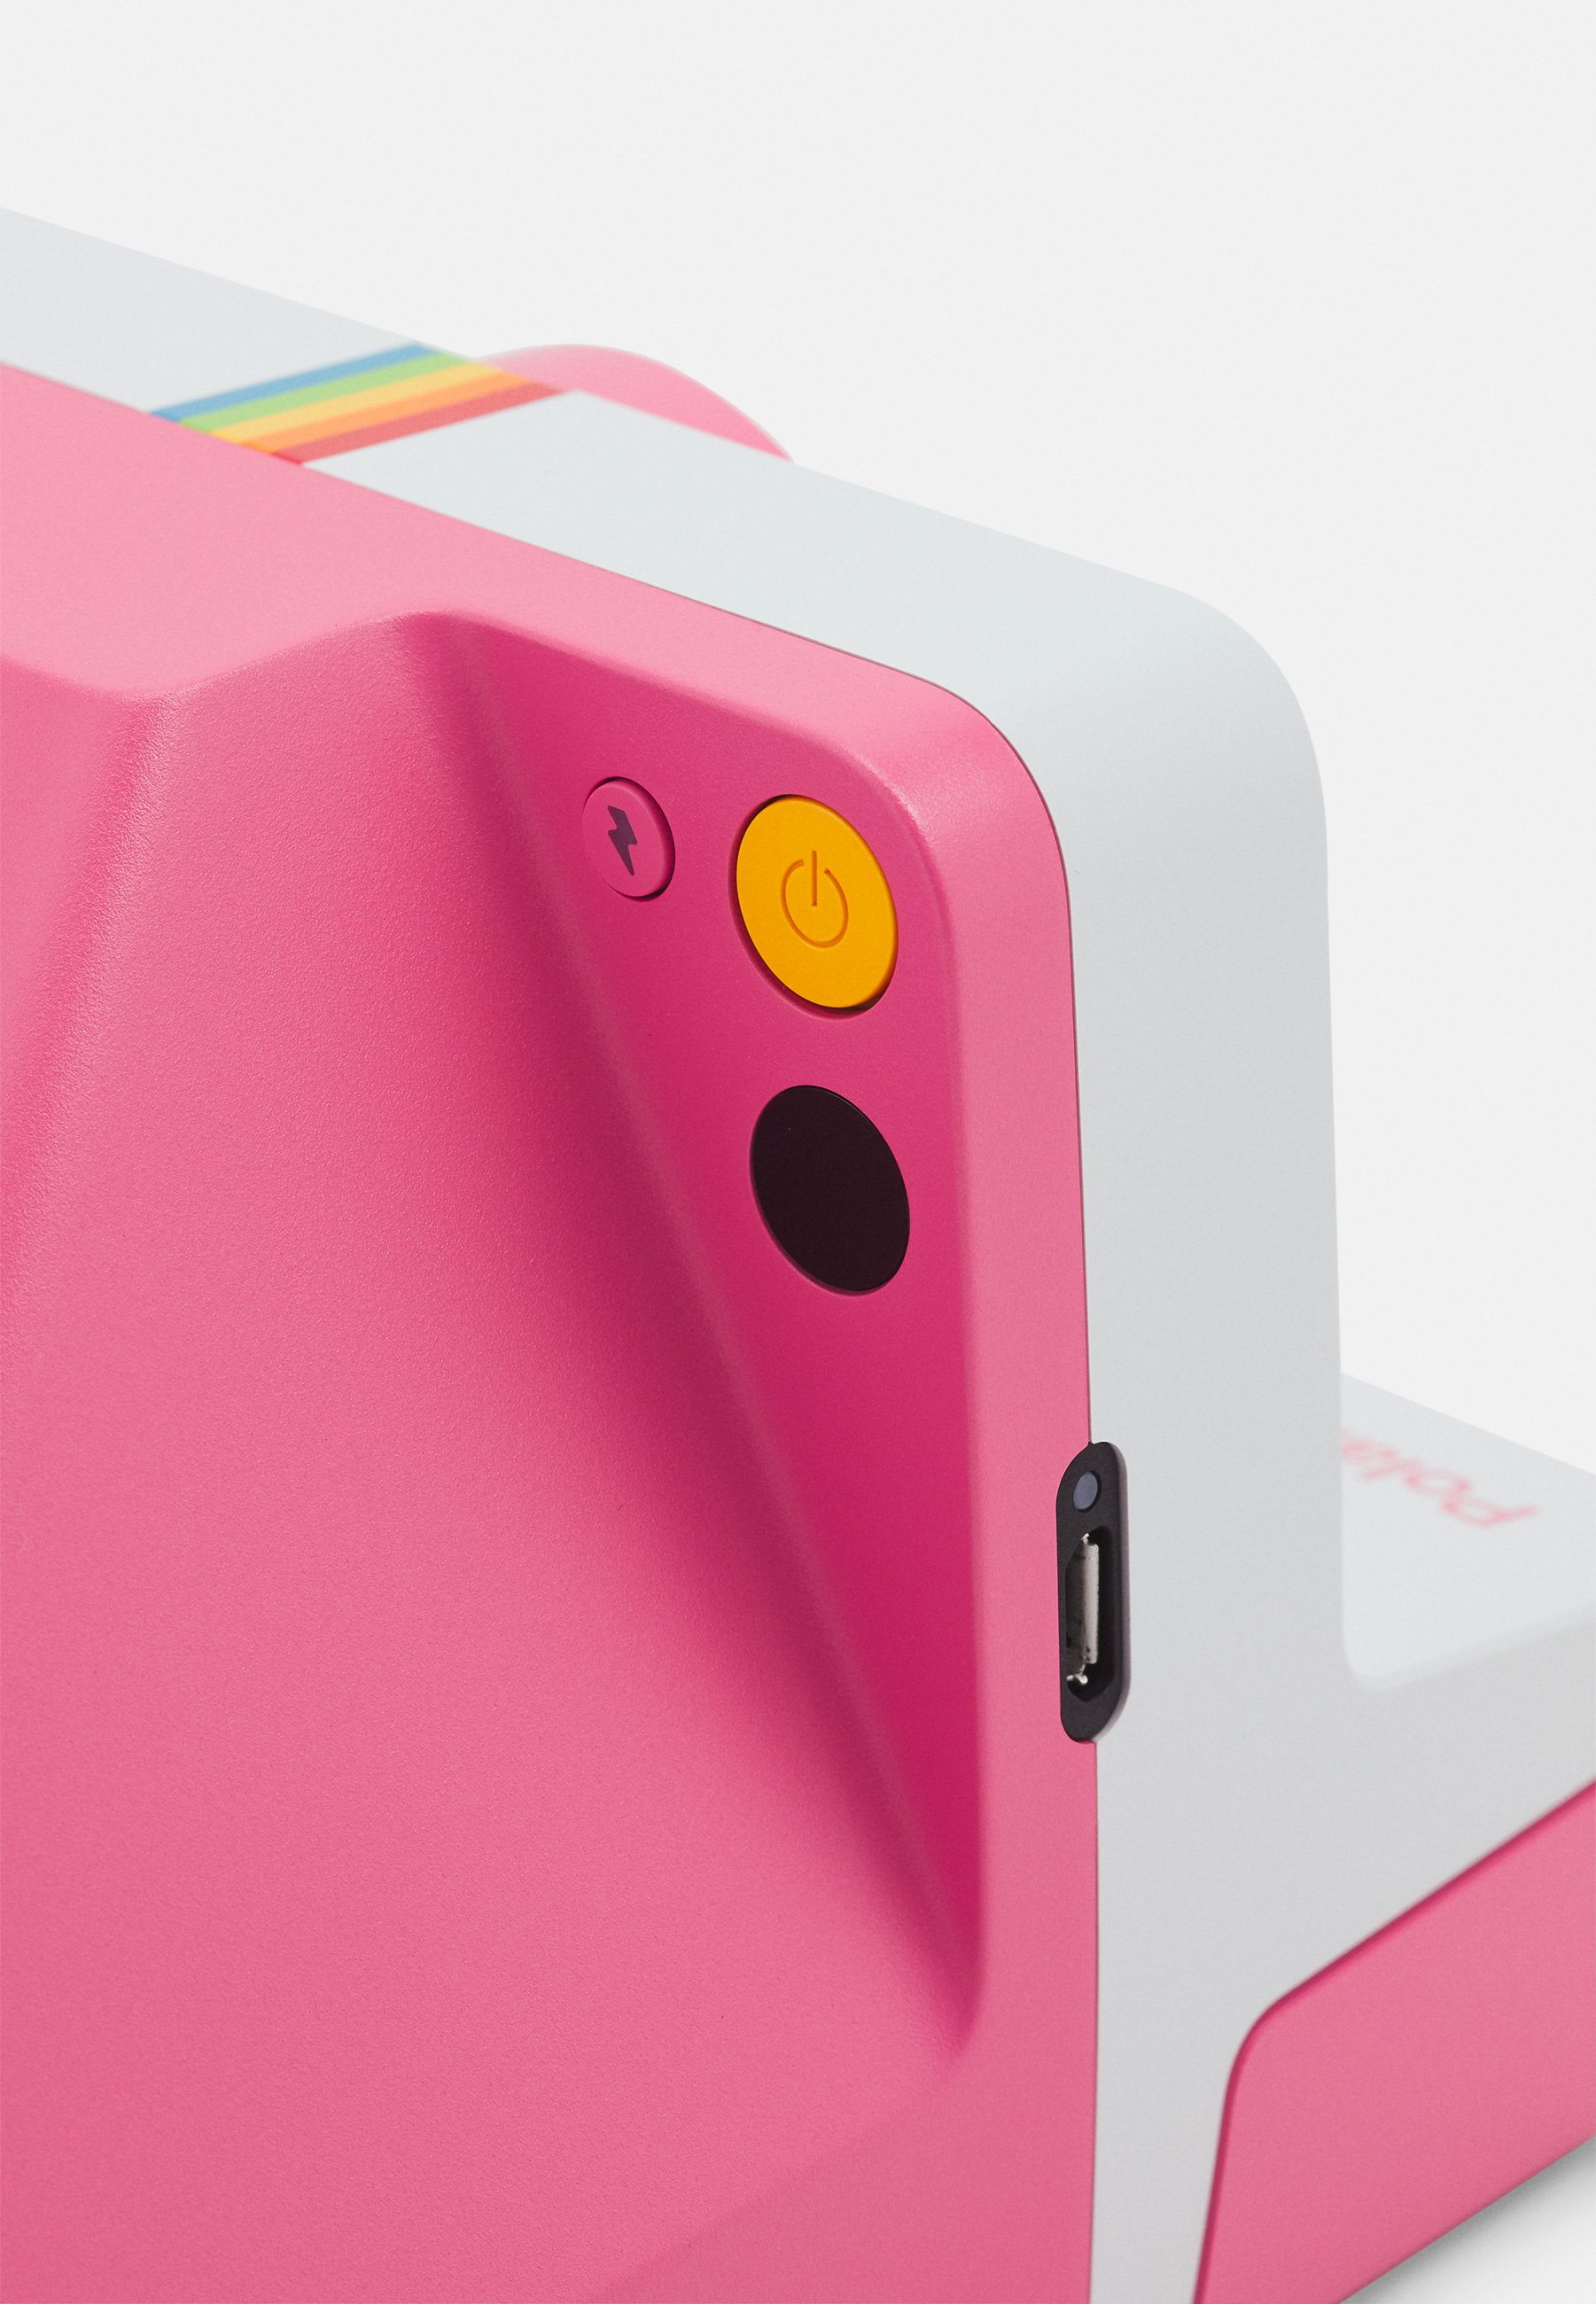 Herren NOW UNISEX - Tech-accessoires